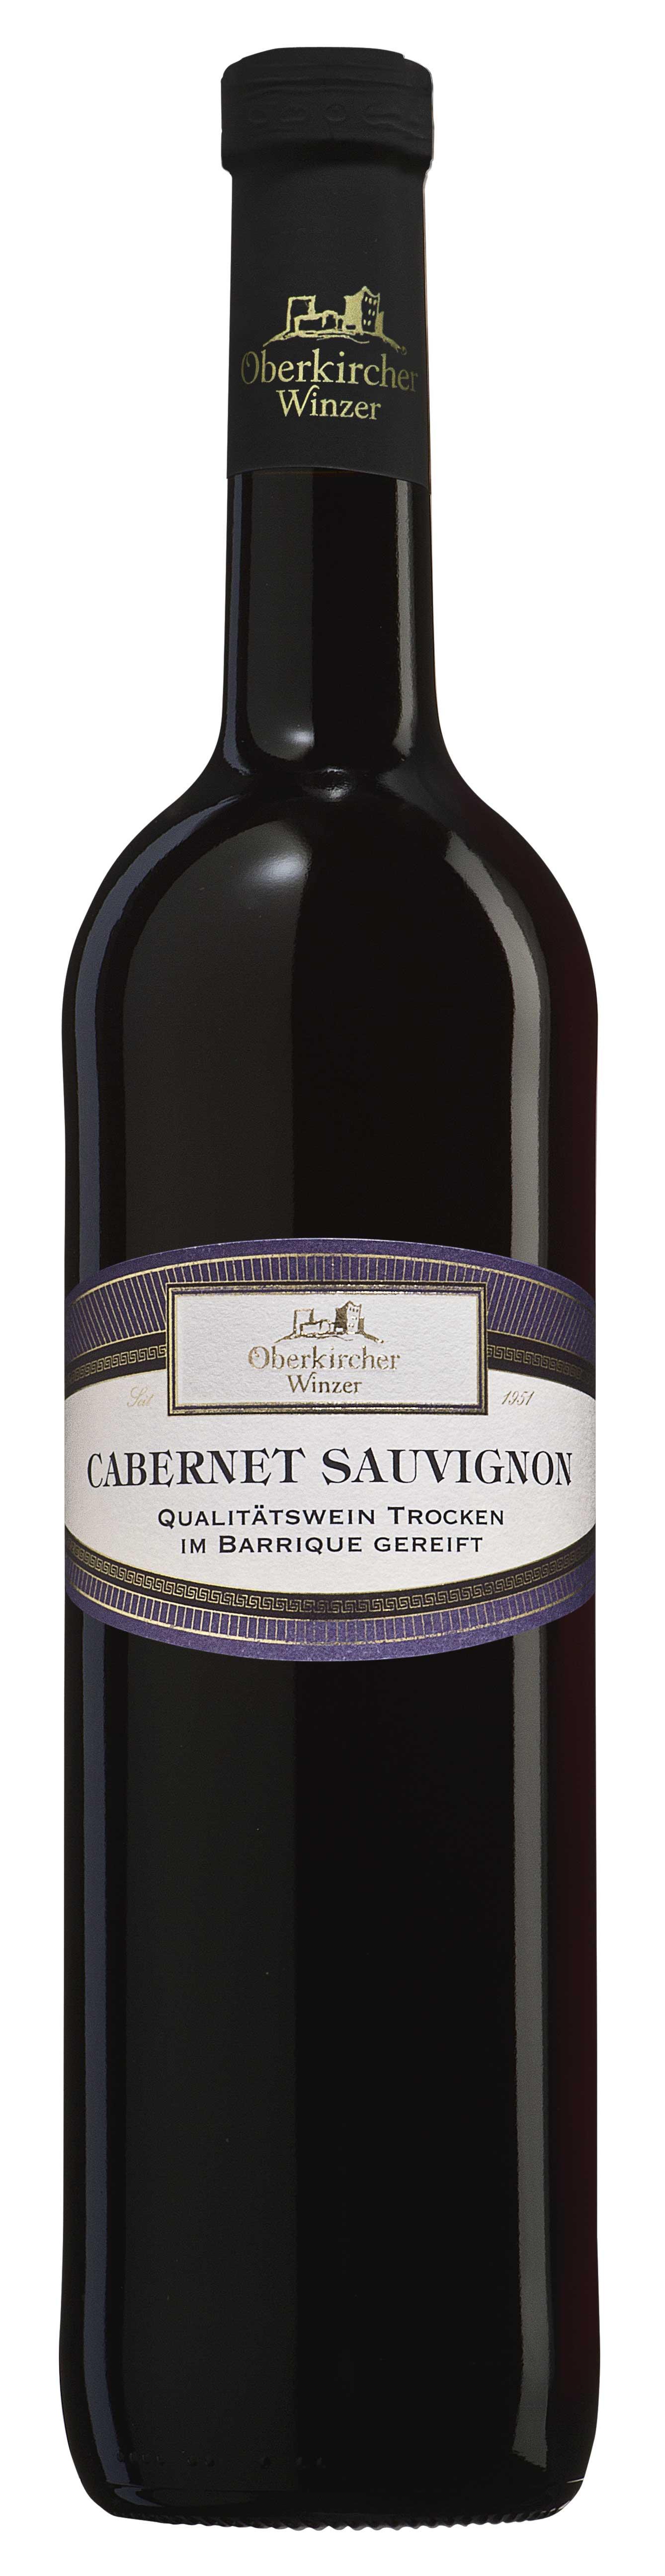 Vinum Nobile Cabernet Sauvignon Qualitätswein trocken 2013